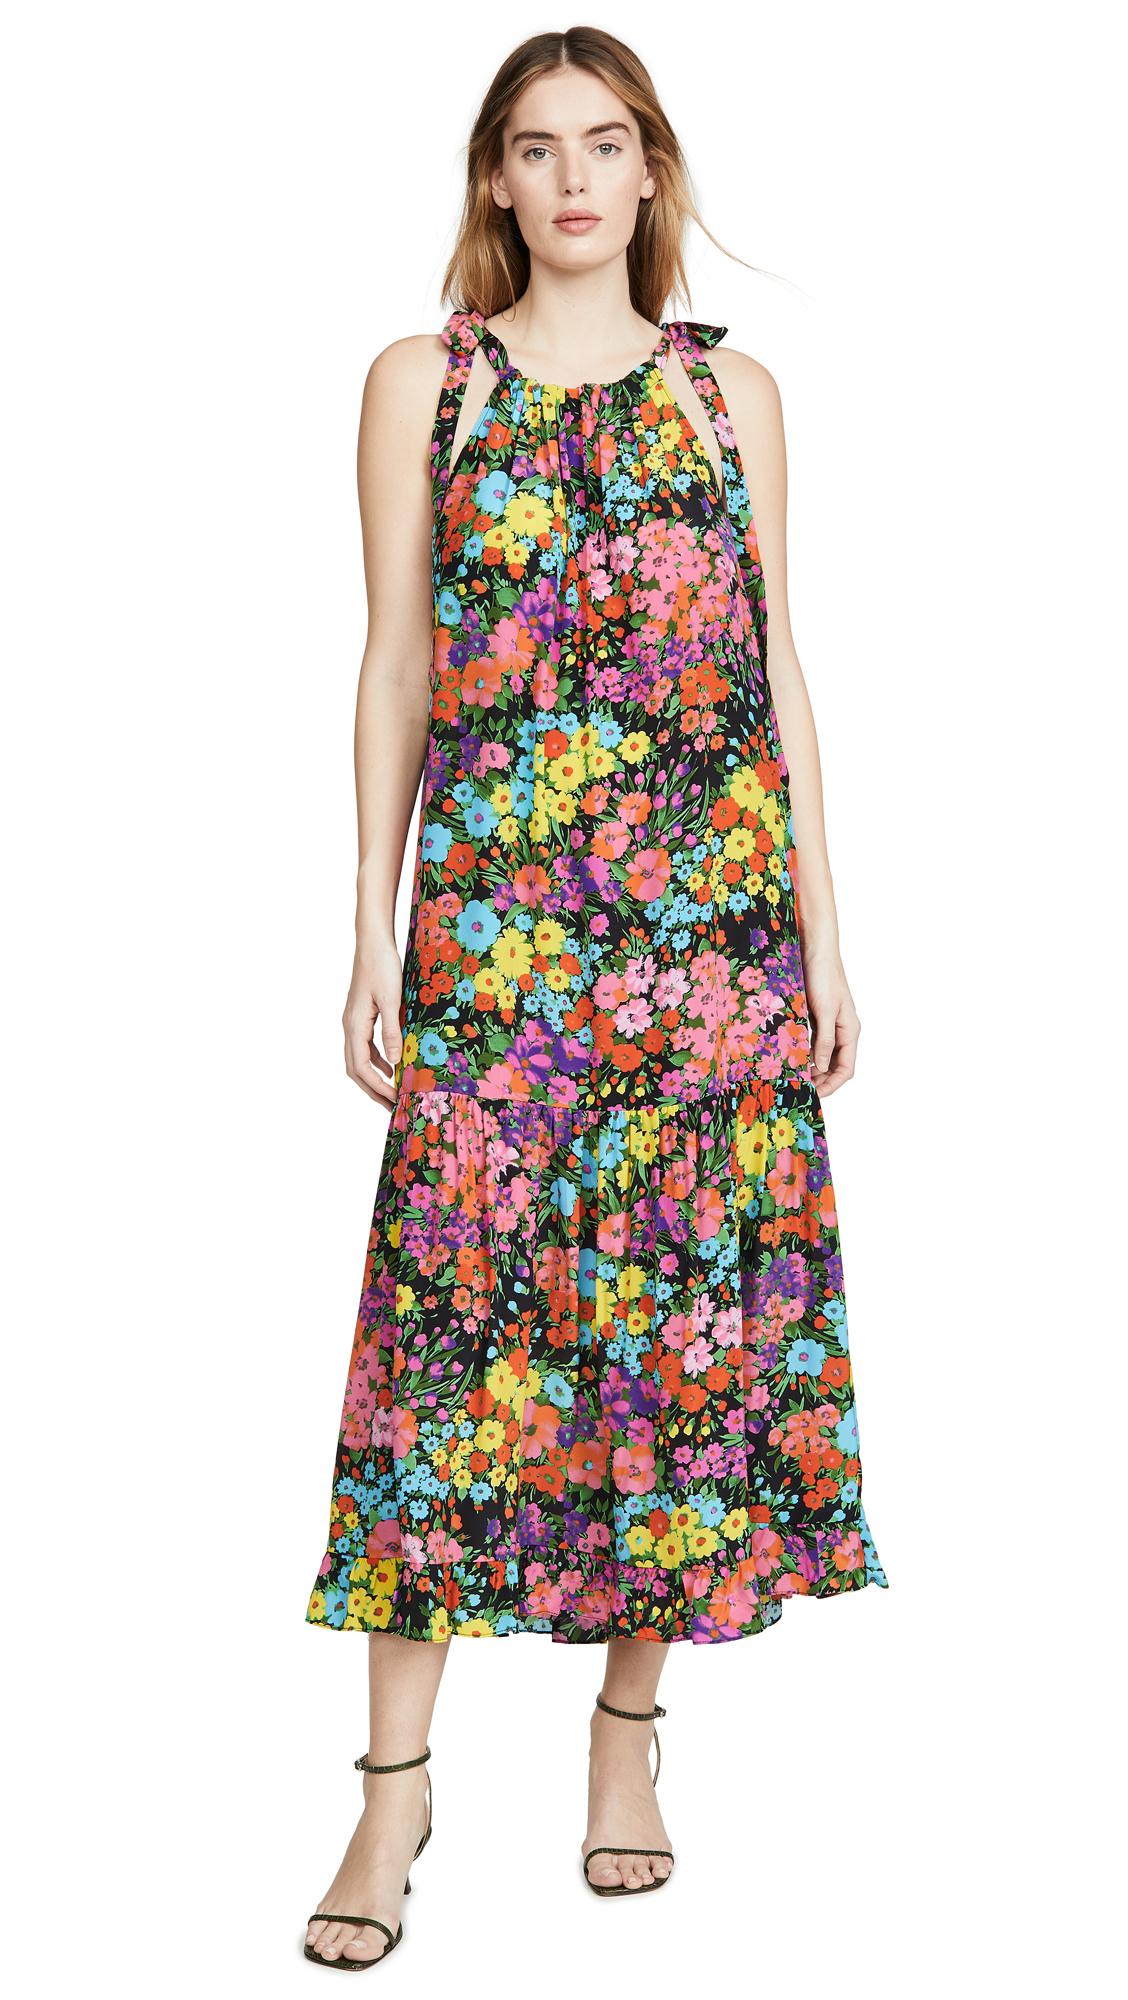 LES REVERIES Bow-Tie Maxi Dress - 60% Off Sale